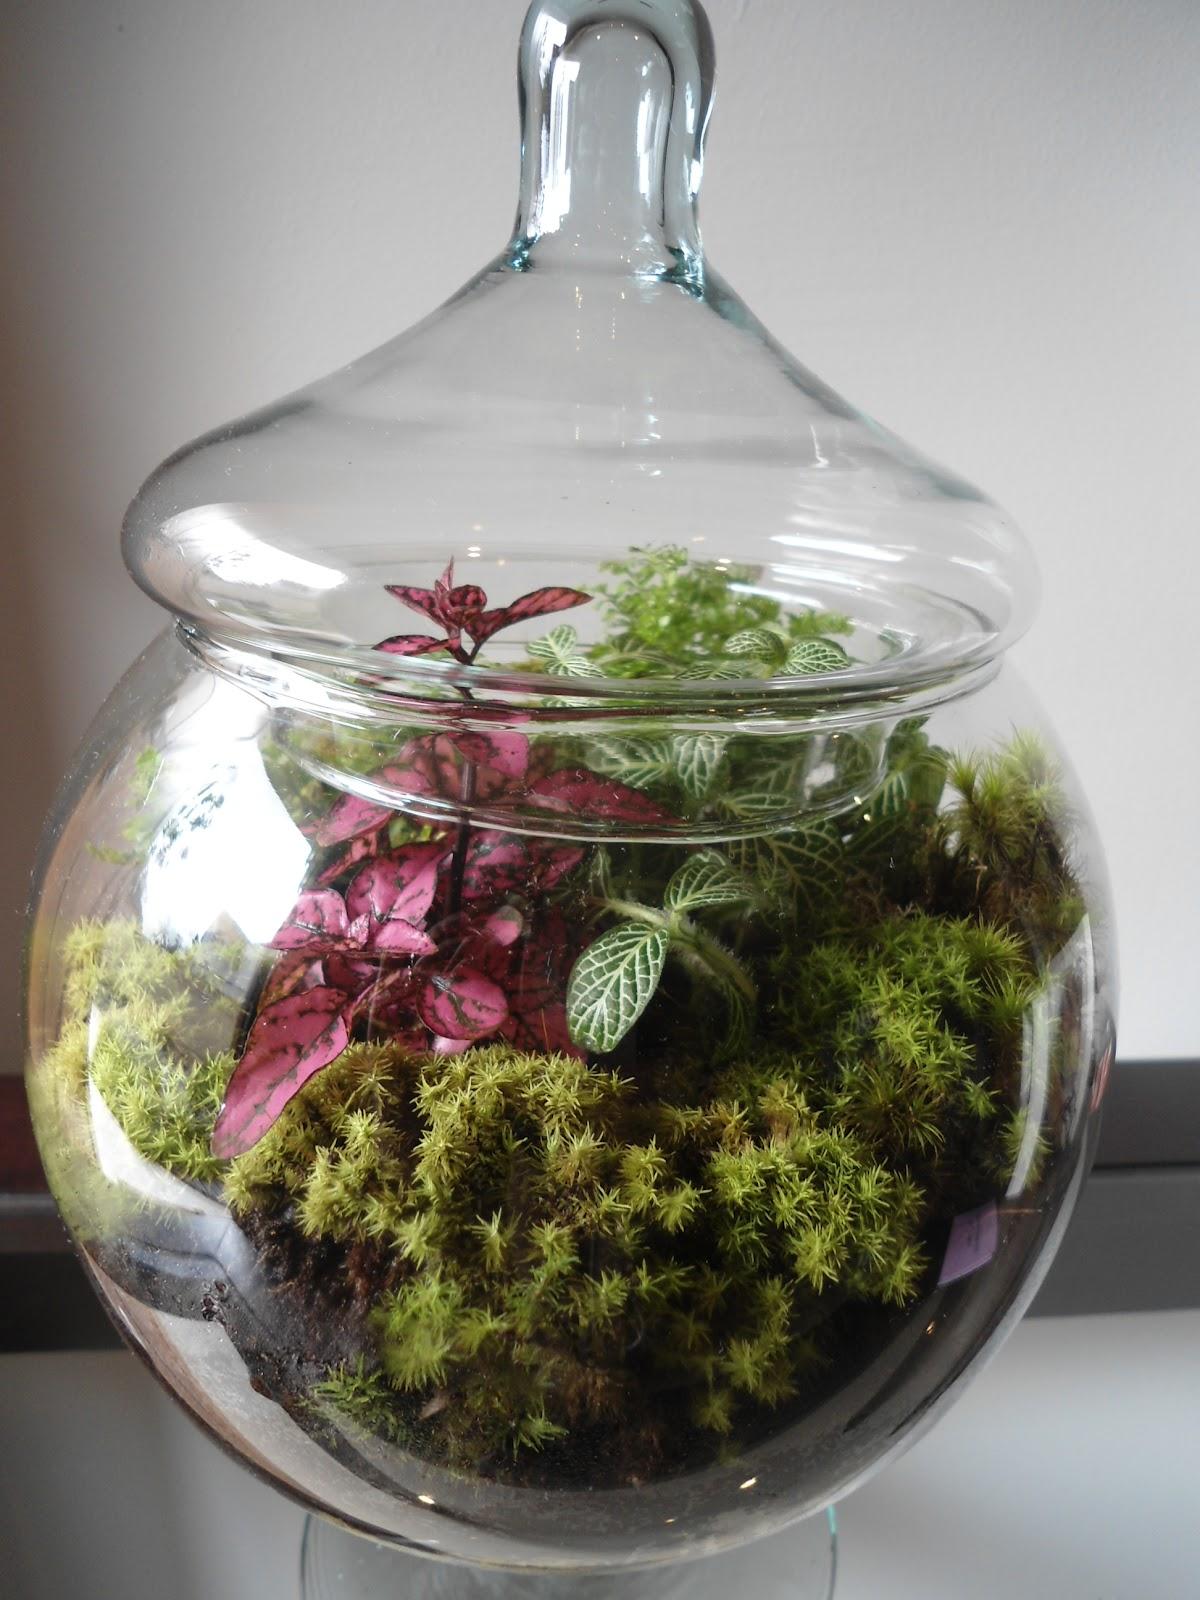 mini jardim de vidro : mini jardim de vidro:Amor de Jardim: TERRÁRIOS (TERRARIUMS) OU JARDINS DE VIDRO – Deixe-se